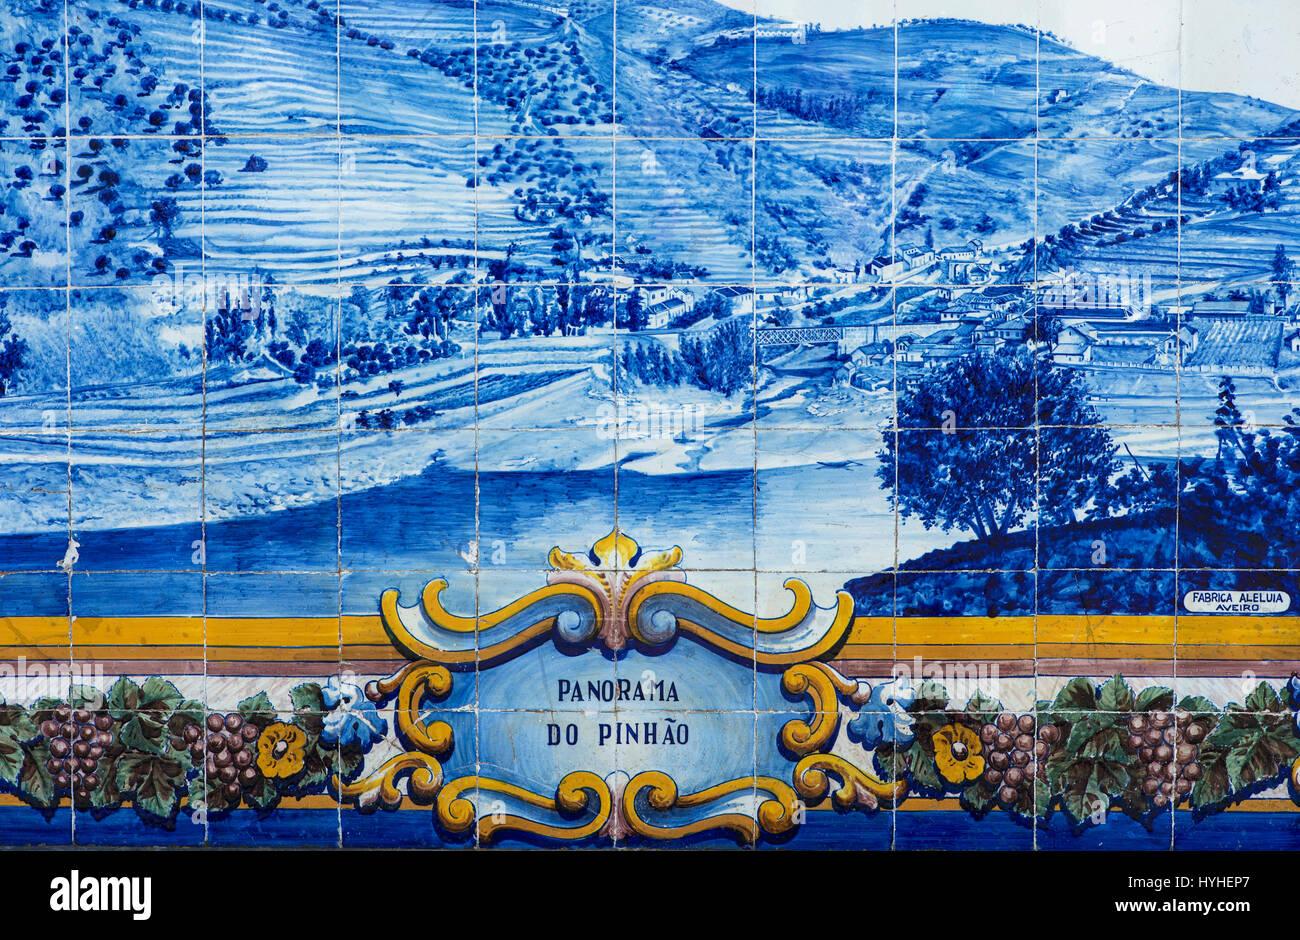 Panorama of Pinhao on ceramic tiles, azulejos, Pinhao, Douro Valley, Portugal - Stock Image